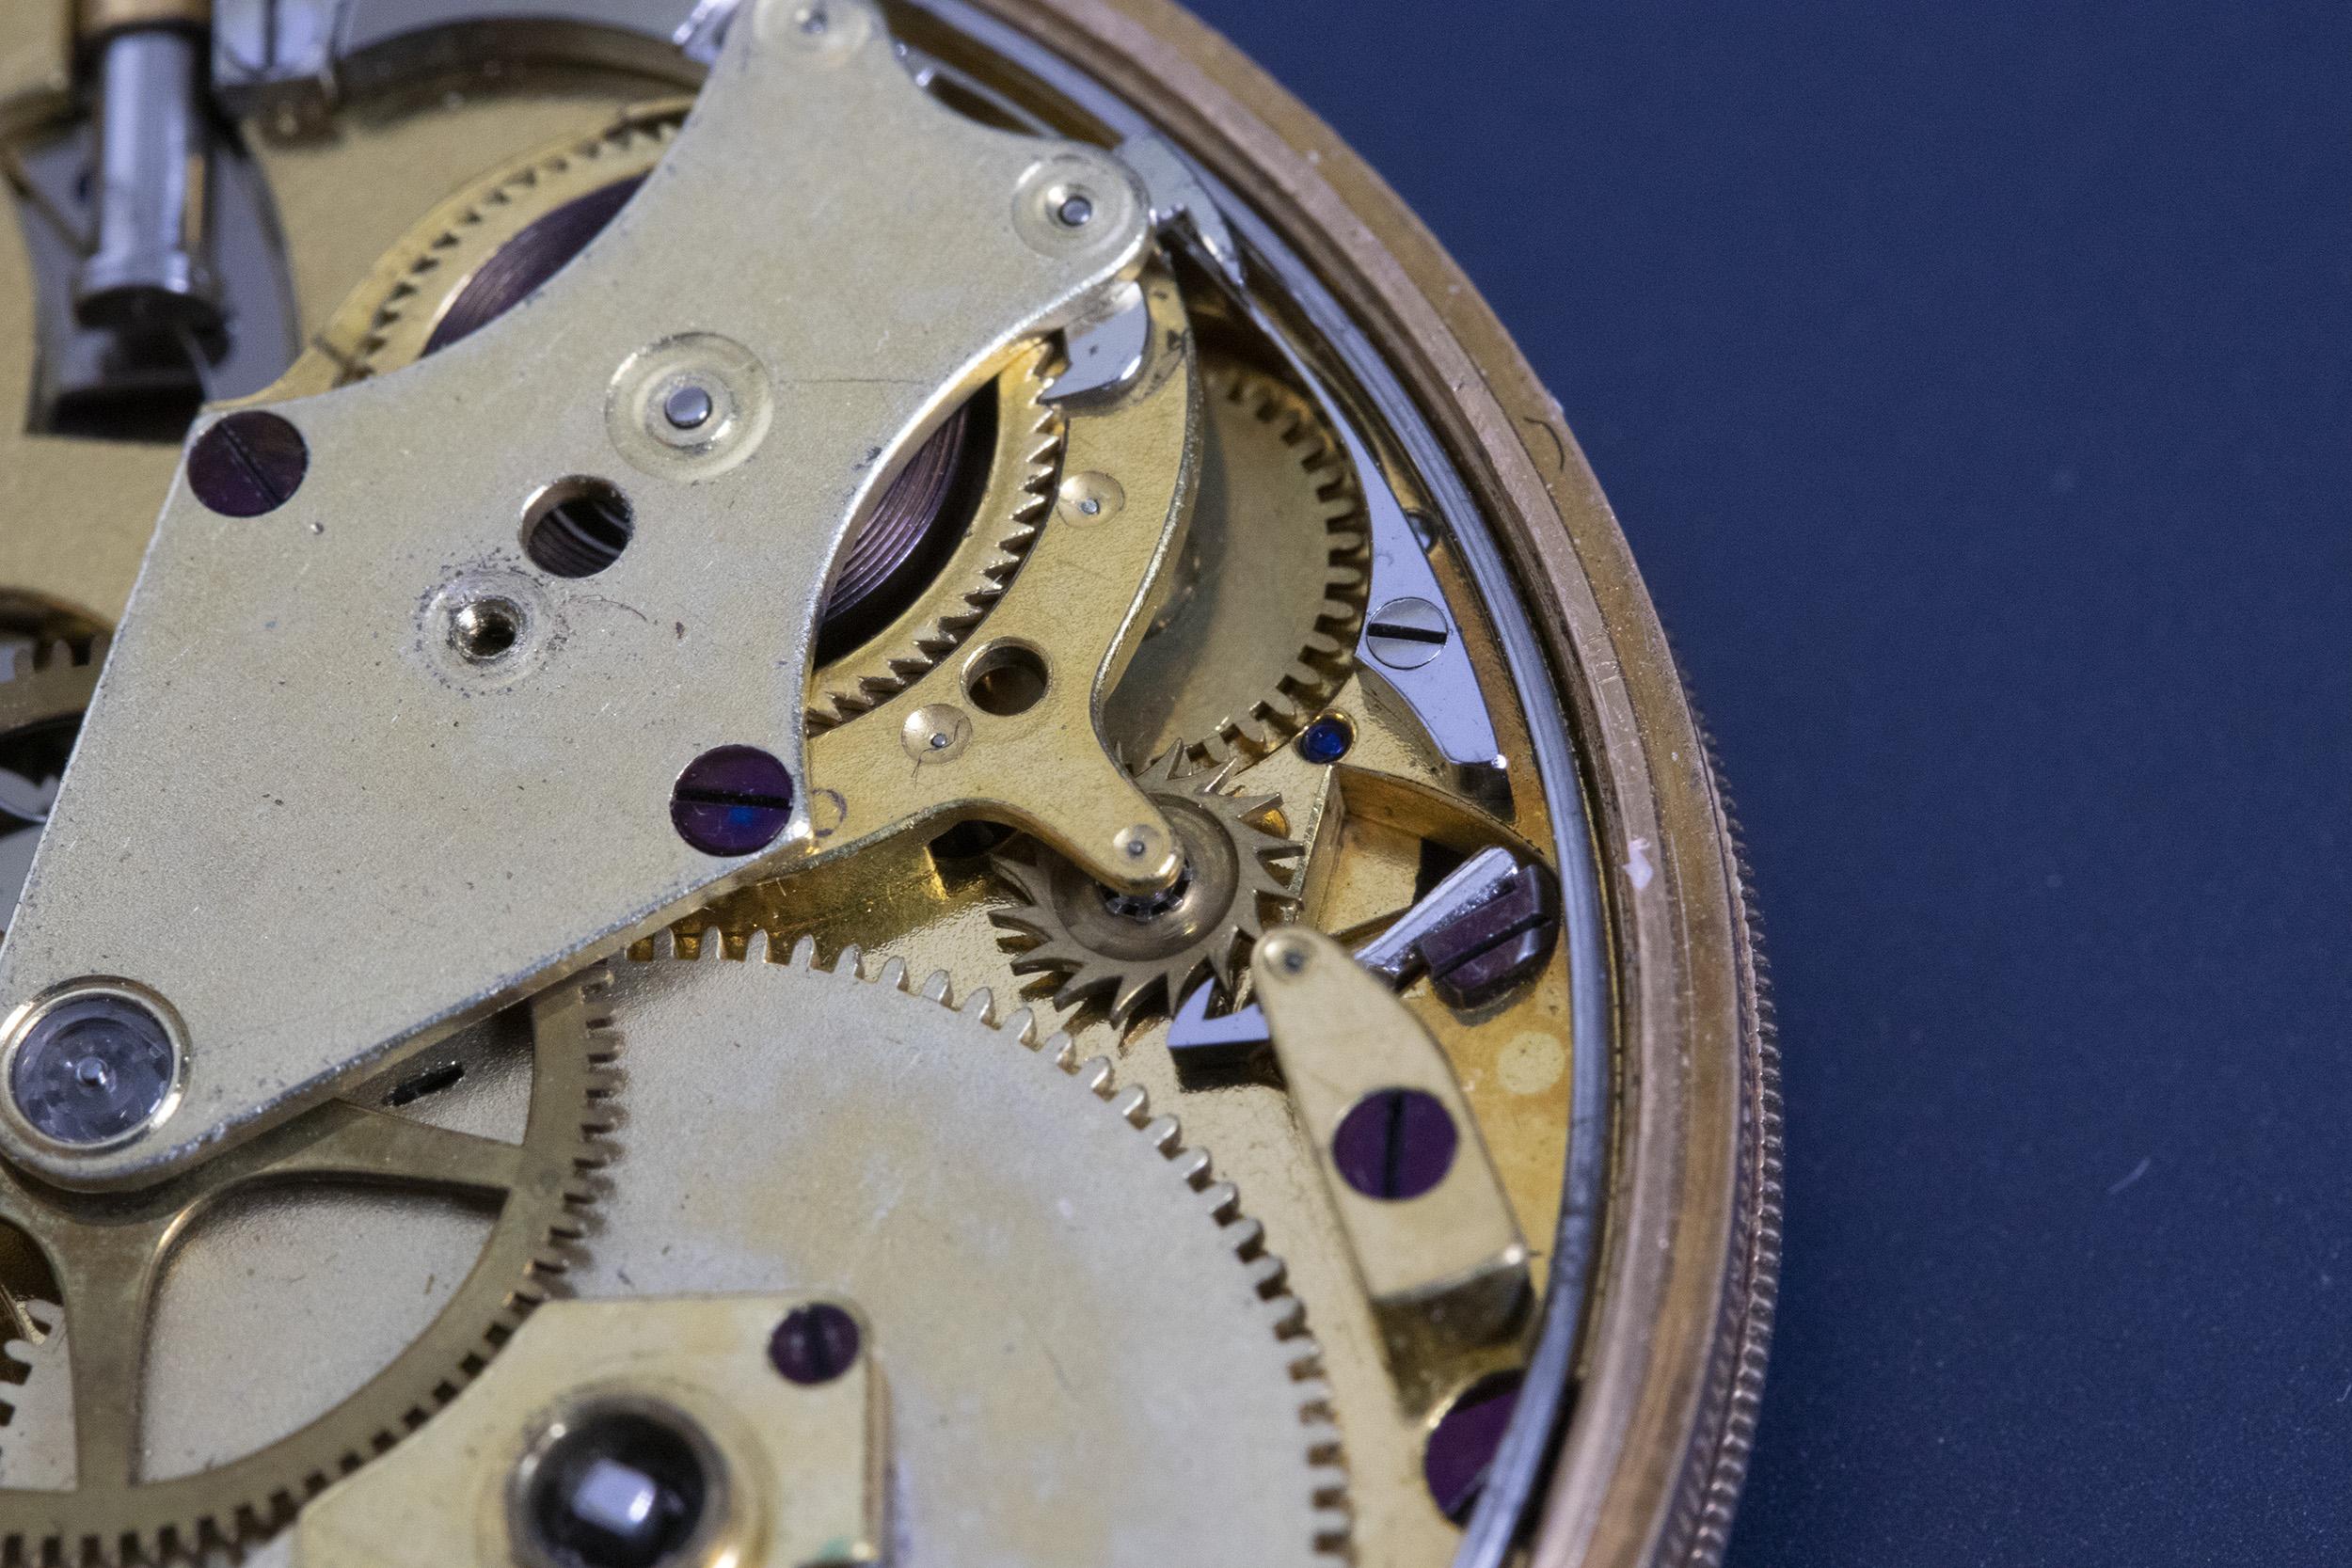 Breguet N°3190, vendue en 1819 au Baron de Vietinghoff 47085166944_b47c2ac7e6_o